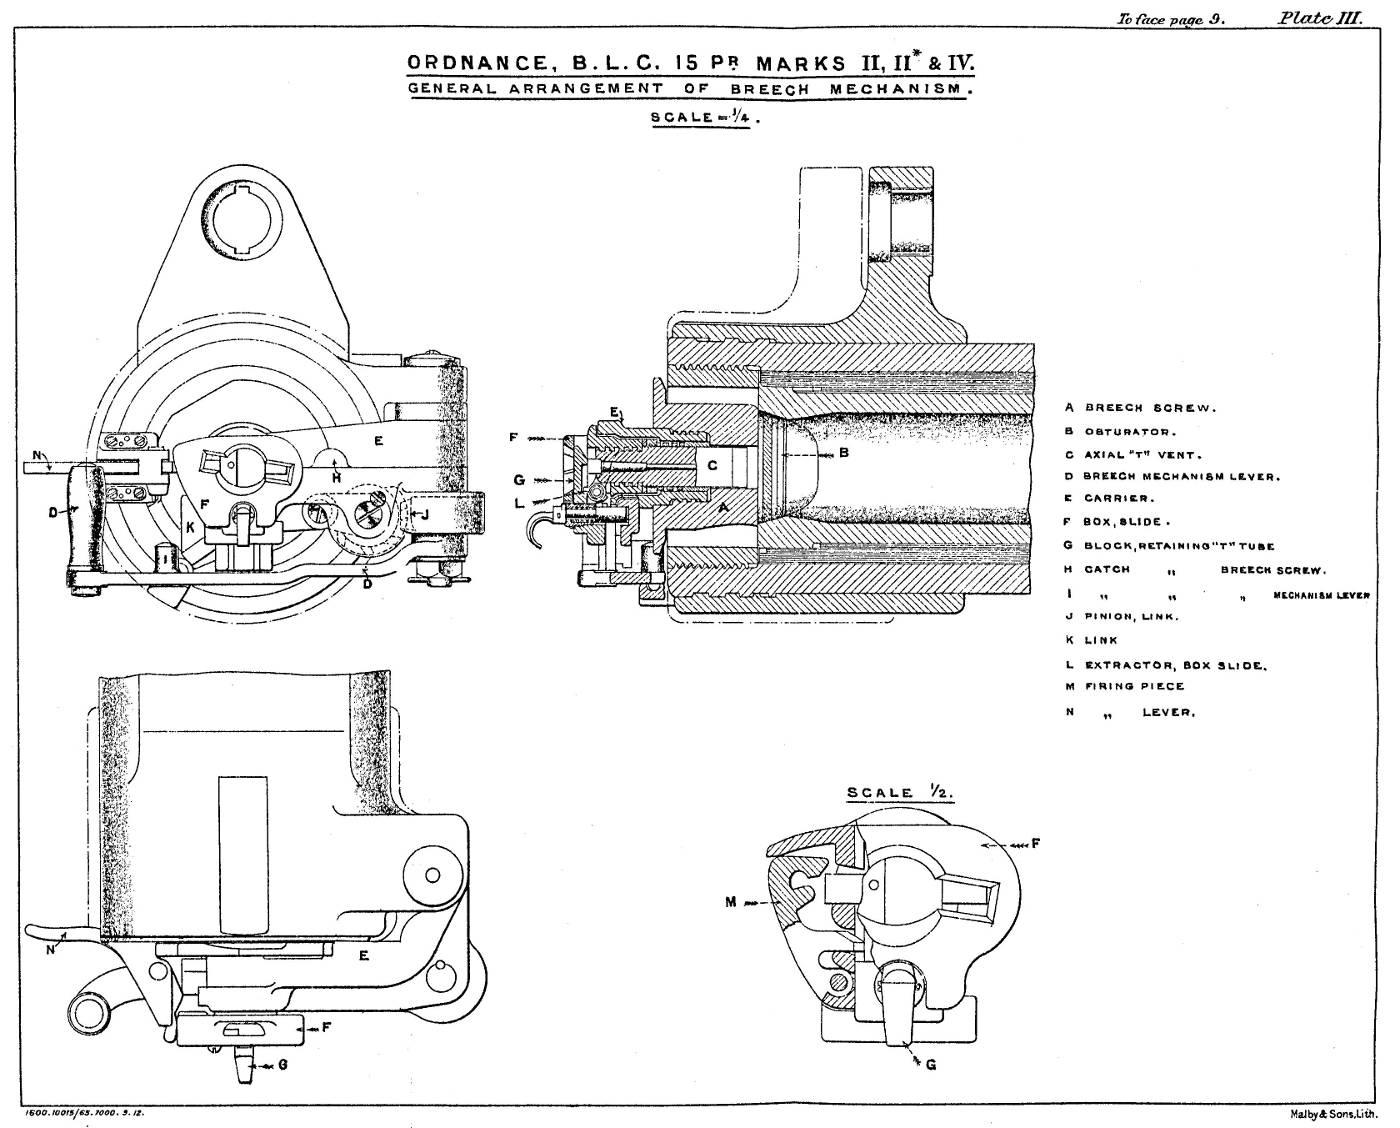 File Blc 15 Pounder Mark Ii Ii Iv Breech Mechanism